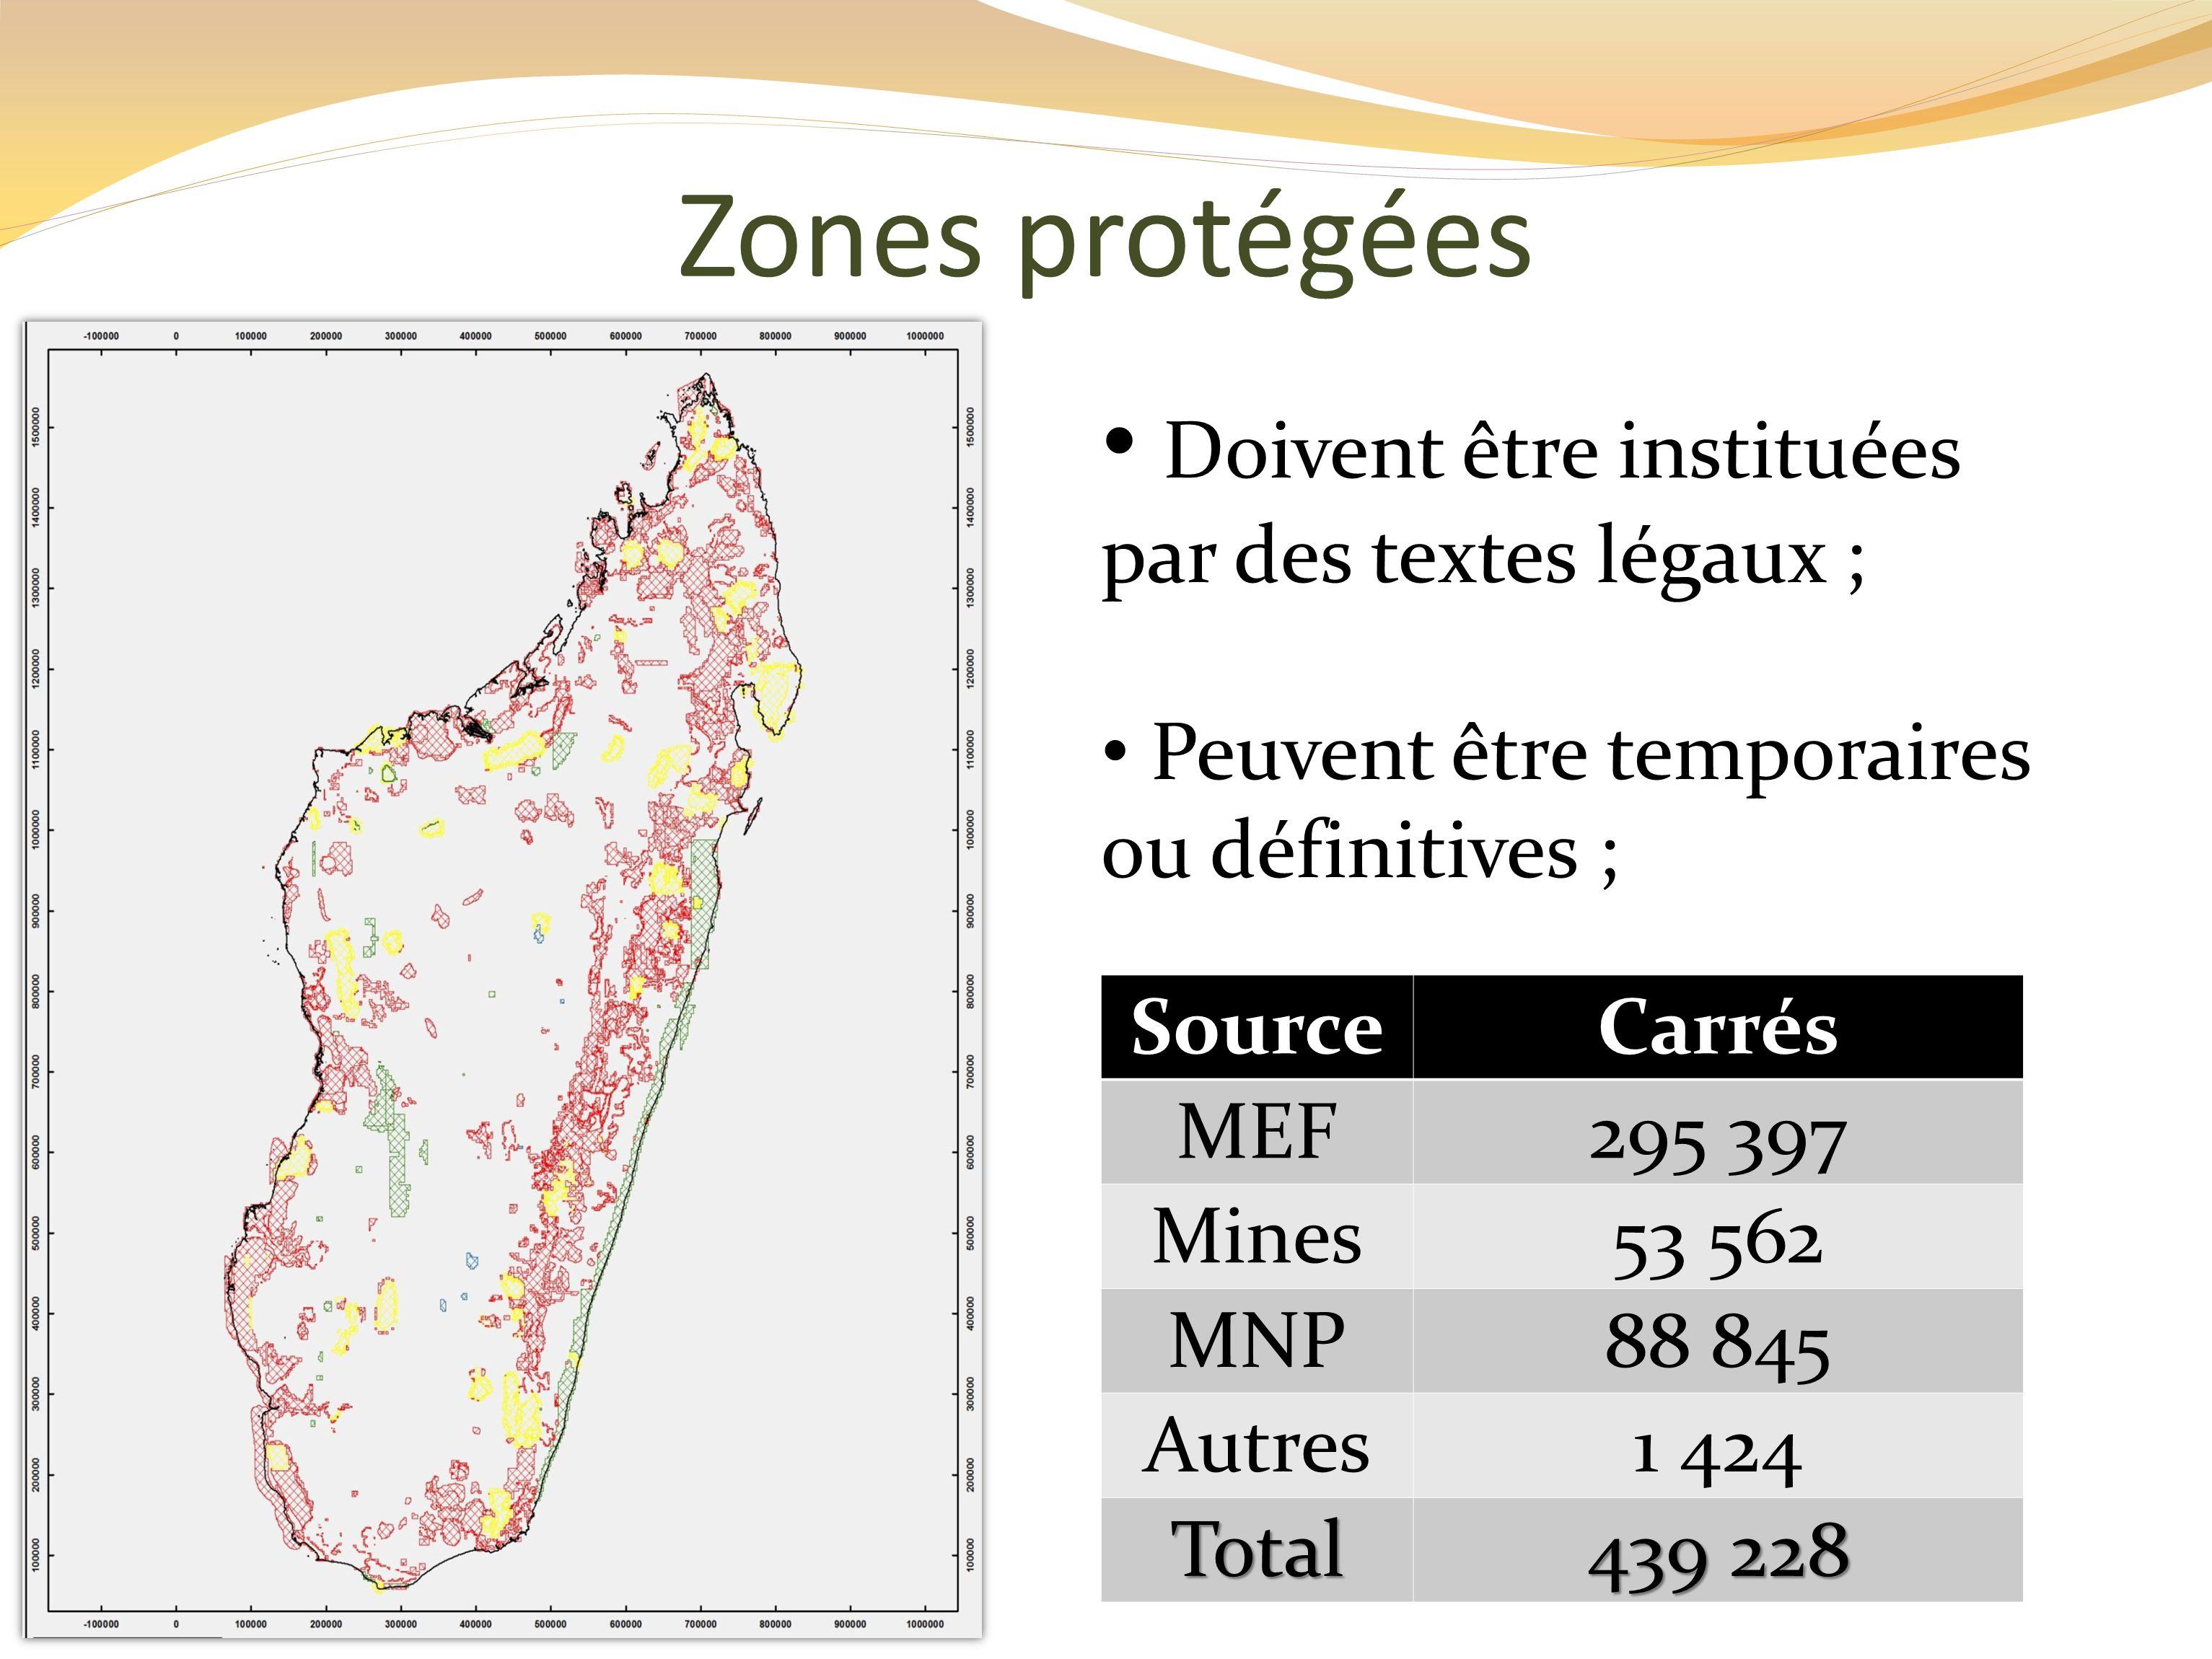 SourceCarrés MEF295 397 Mines53 562 MNP88 845 Autres1 424 Total 439 228 Doivent être instituées par des textes légaux ; Peuvent être temporaires ou définitives ; Zones protégées